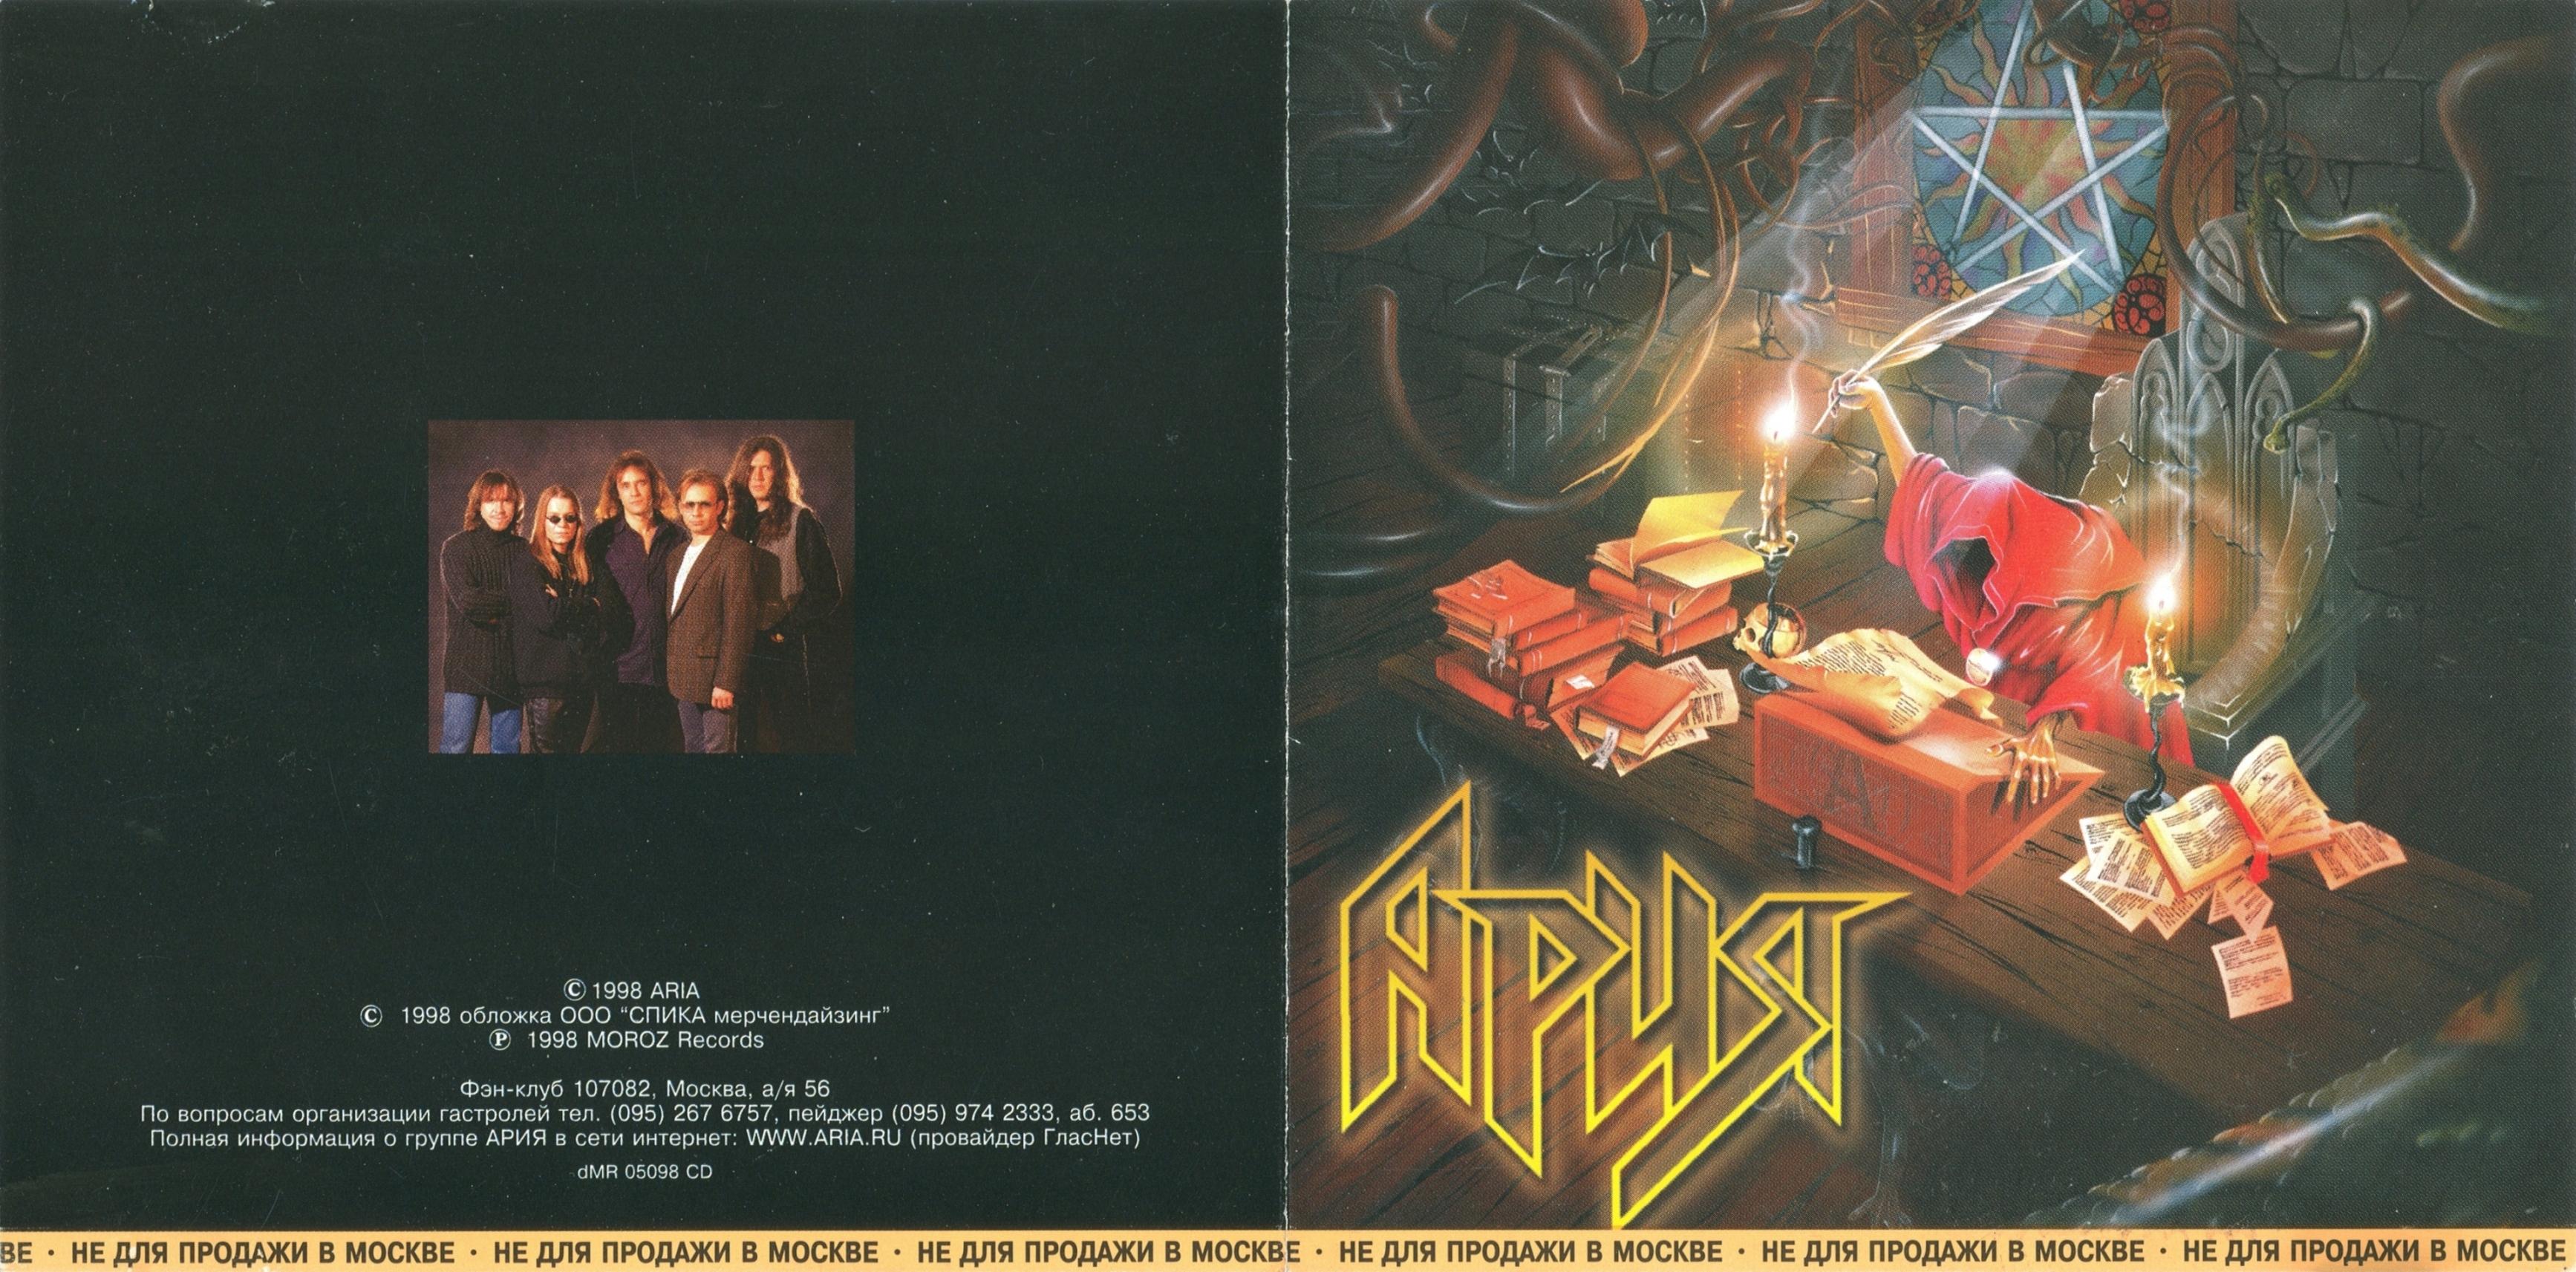 Ария, cd генератор зла (буклет, dadc austria)